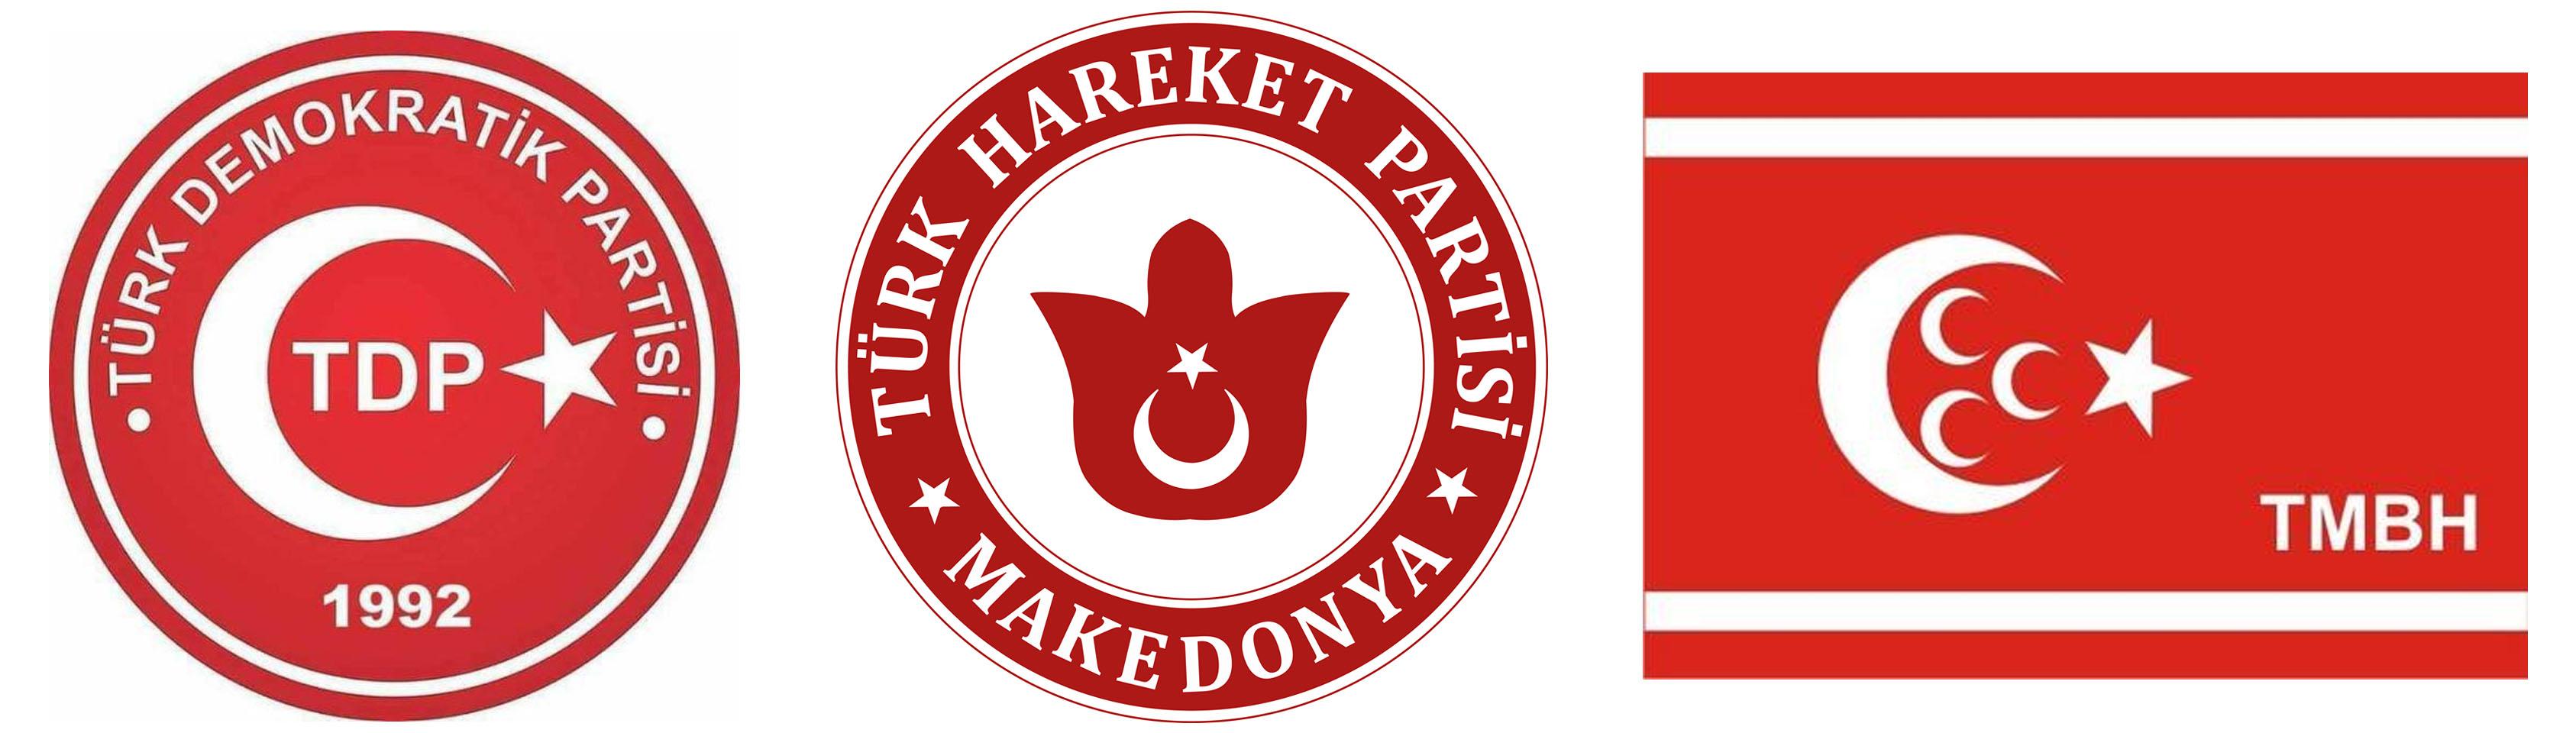 [TB ANKET] Seçimlerde hangi Türk partisini destekleyeceksiniz?